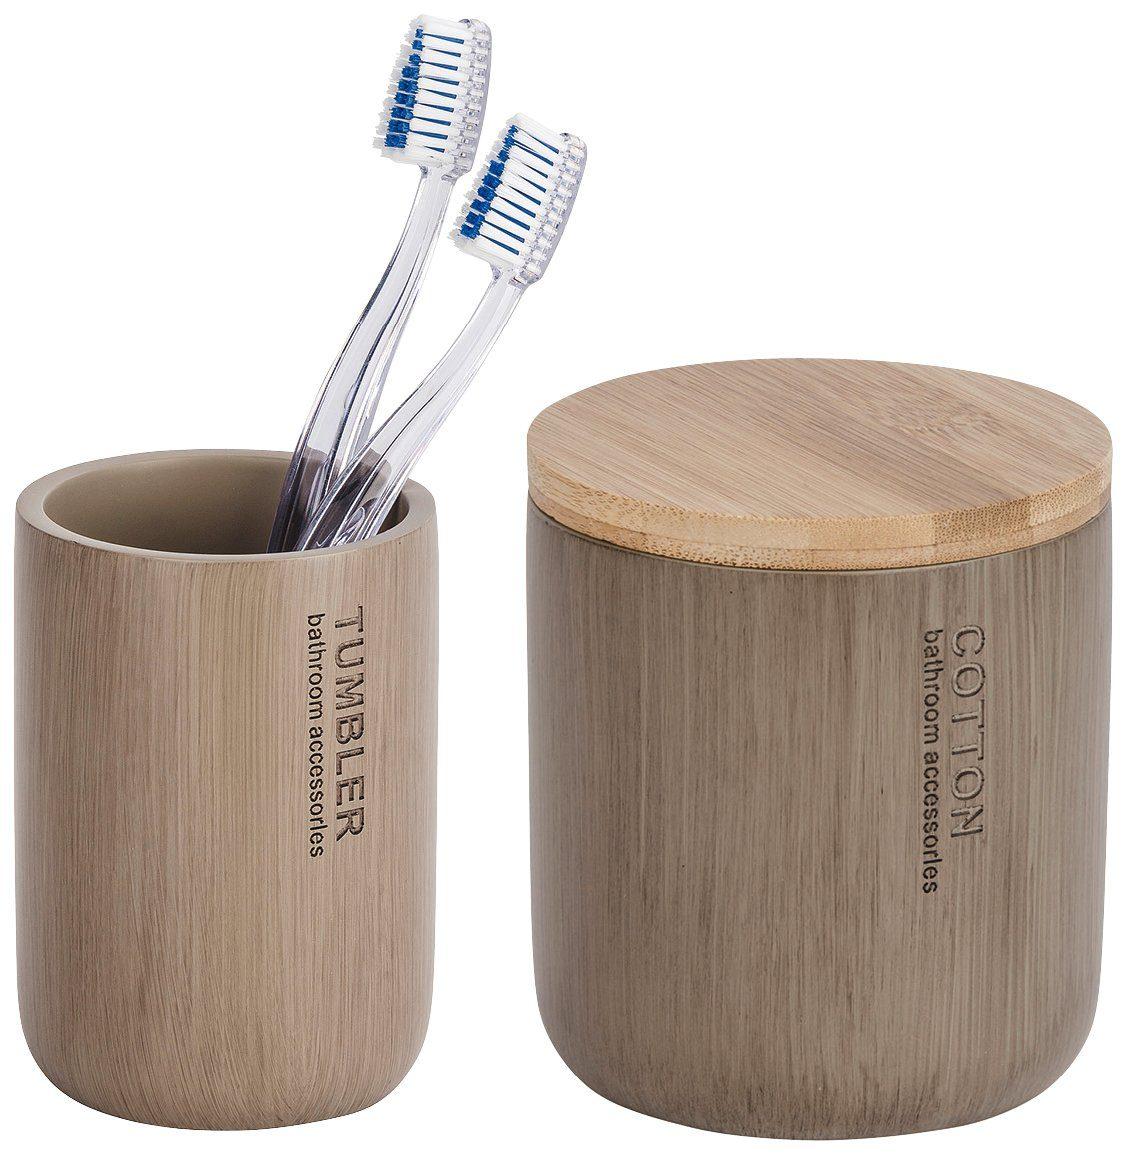 WENKO Bad-Accessoire-Set »Palo«, 2-teilig, Bambus